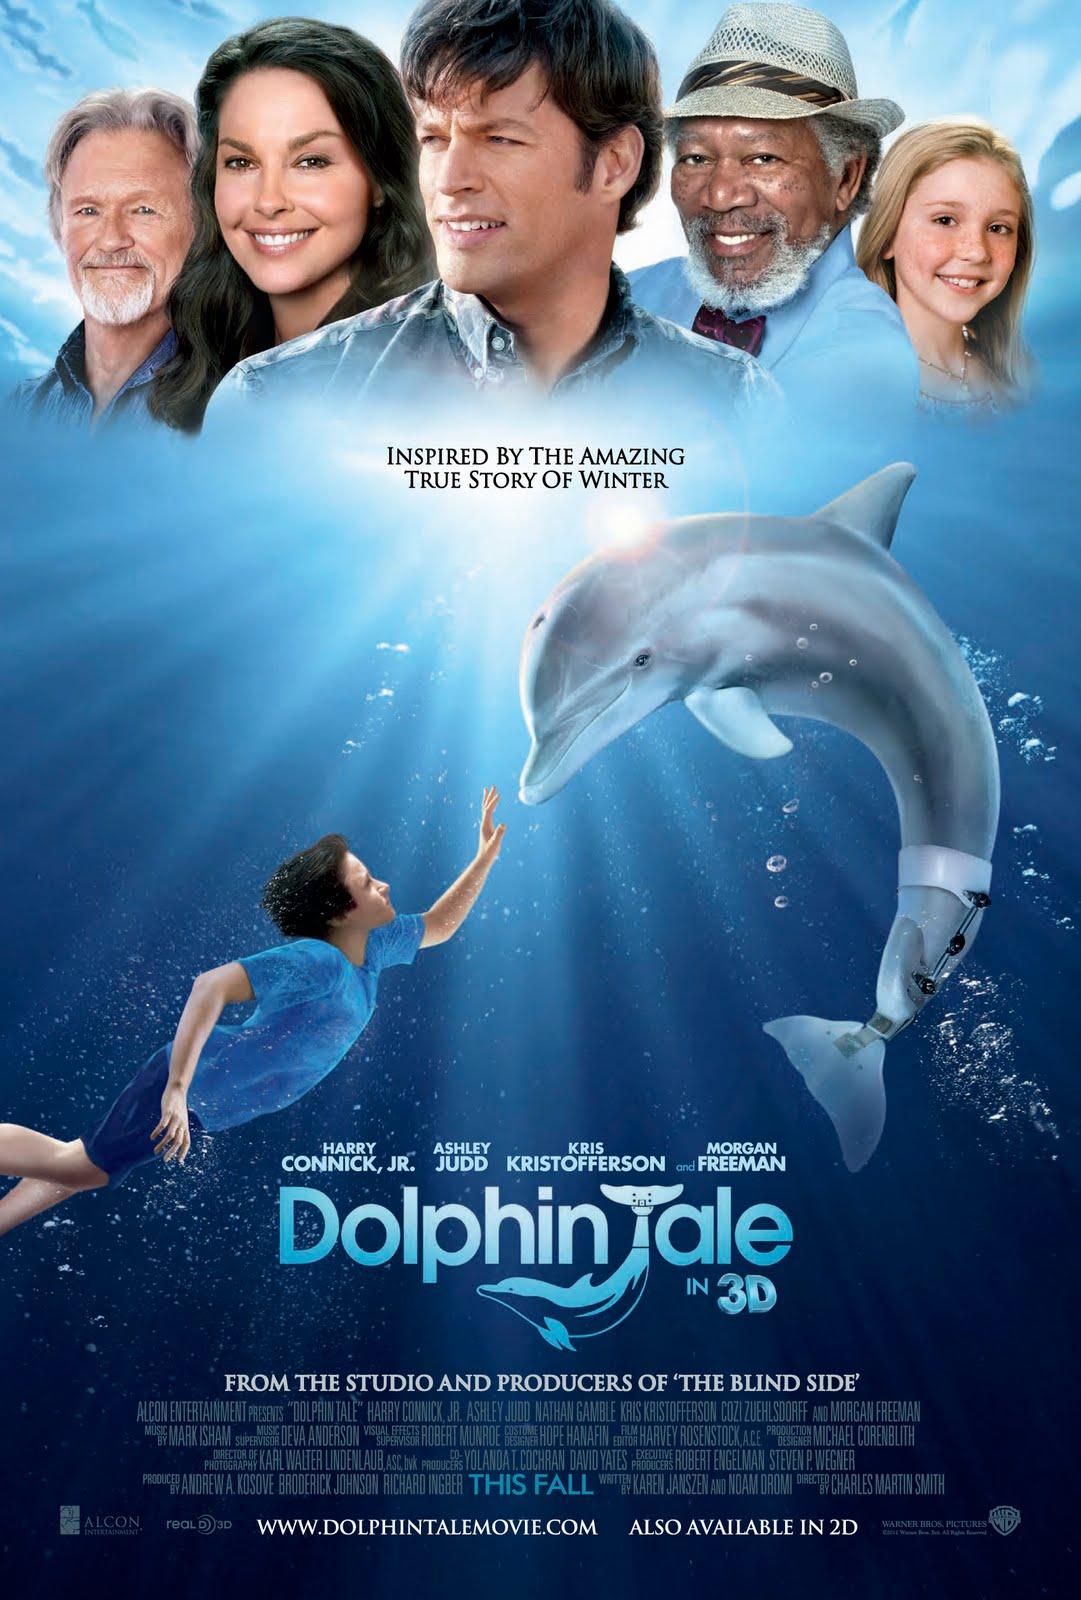 http://4.bp.blogspot.com/-ZYj0NepEdFk/TlFkb0HN69I/AAAAAAAABUQ/hlUd85rbGWM/s1600/dolphin.jpg